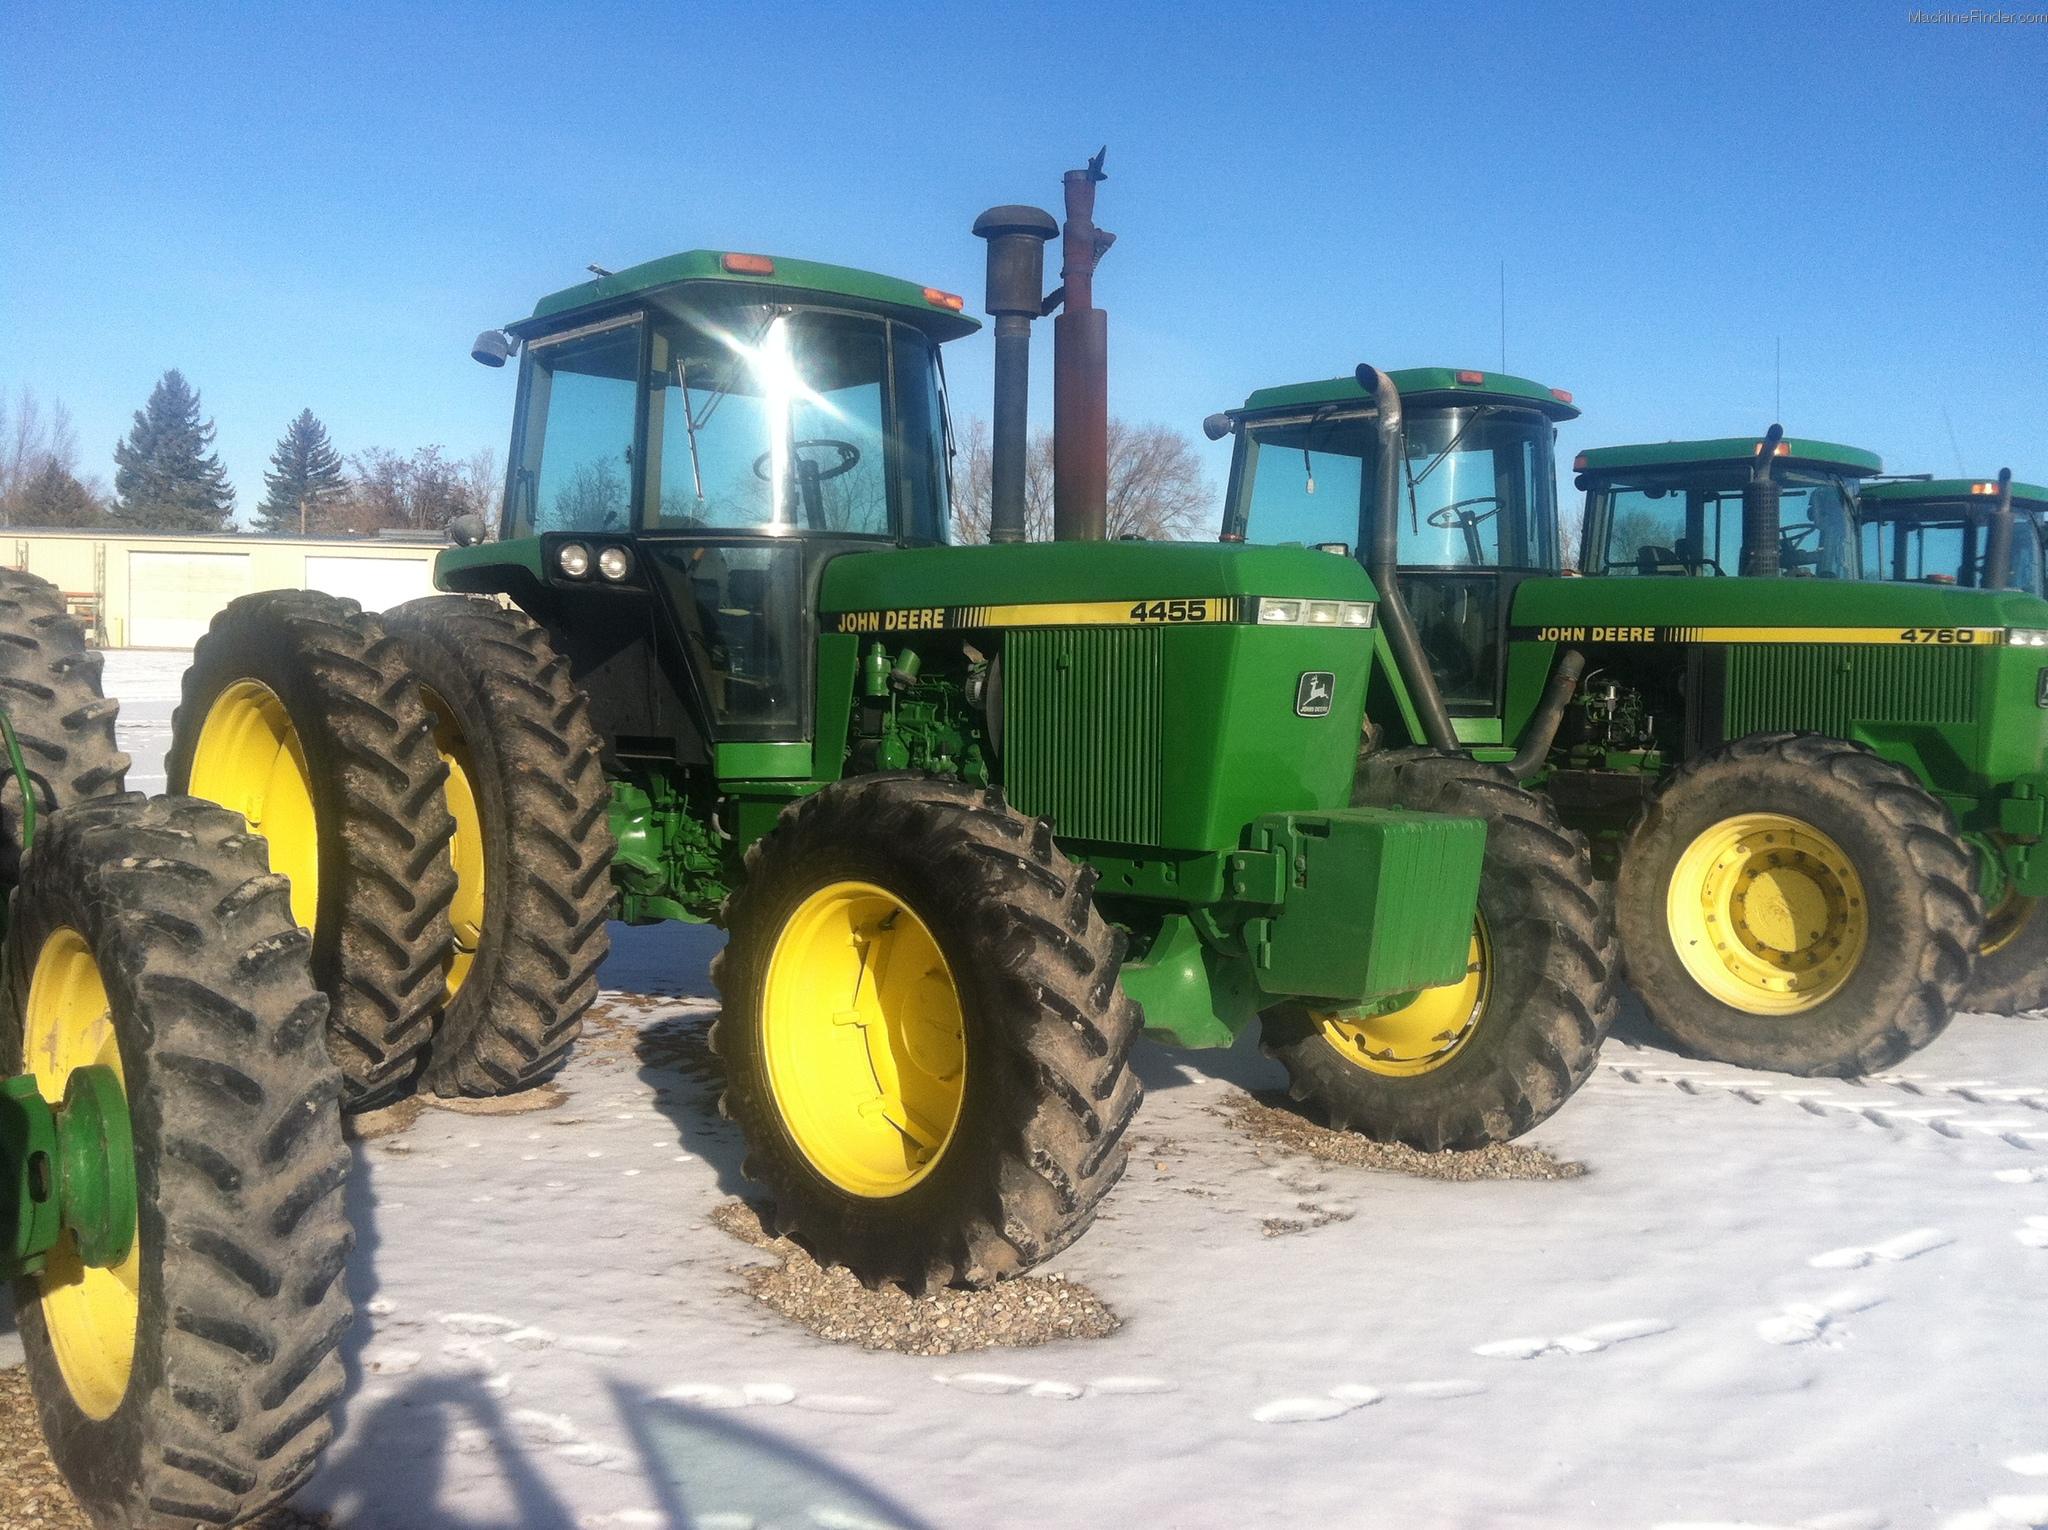 John Deere 4455 Tractors - Row Crop (+100hp) - John Deere ...